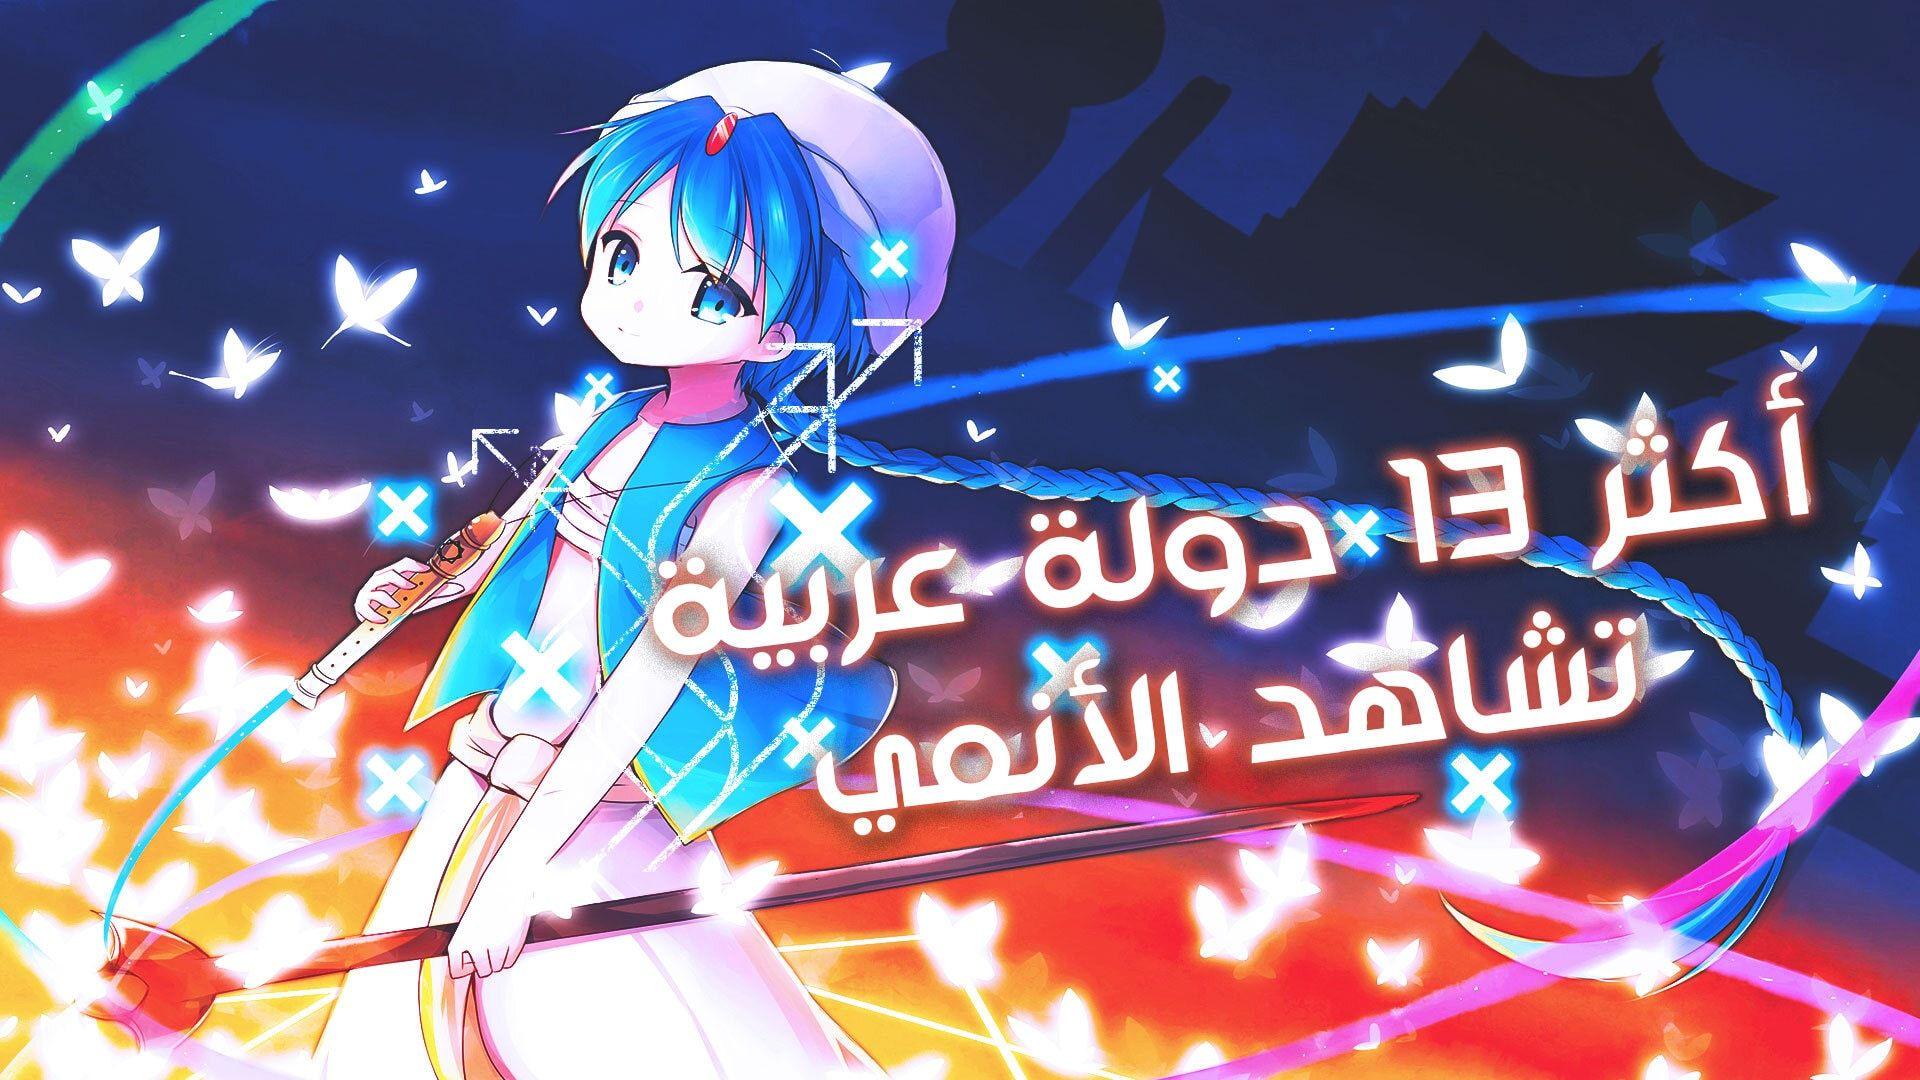 أكثر 13 دولة عربية تشاهد الأنمي وفق ا لـ Google Trends Anime Art